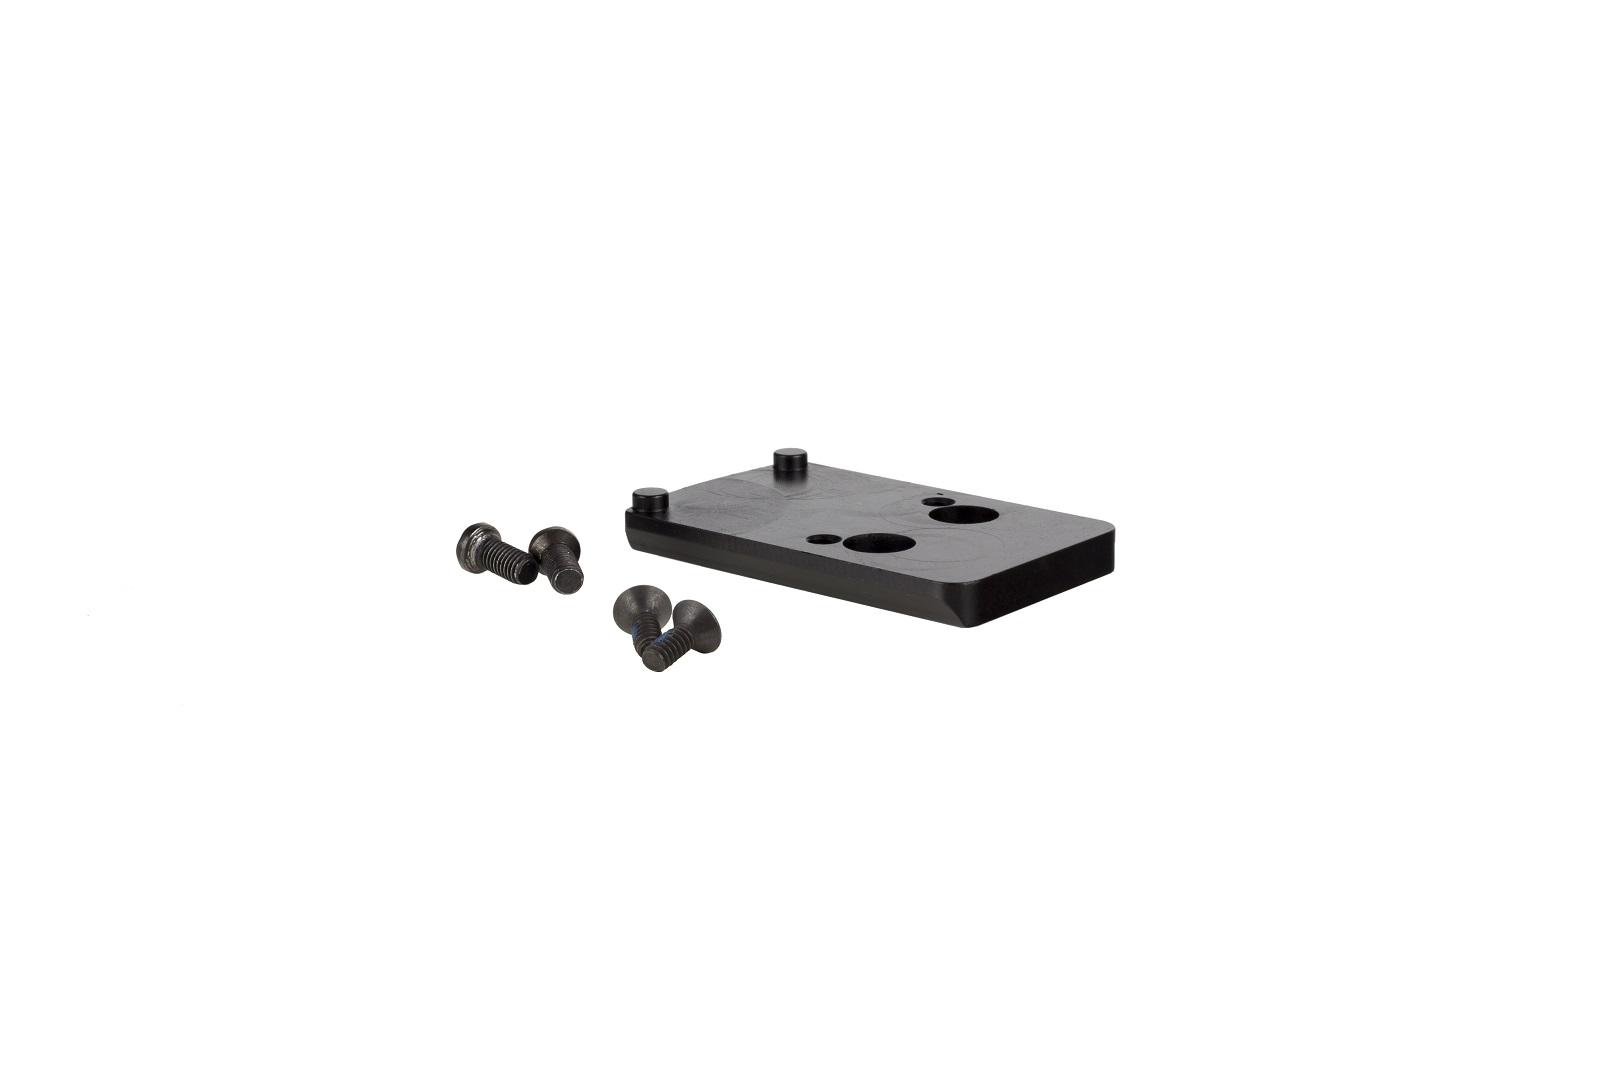 Trijicon RMR/SRO Adapter Plate for M17 Pistols Bild 2